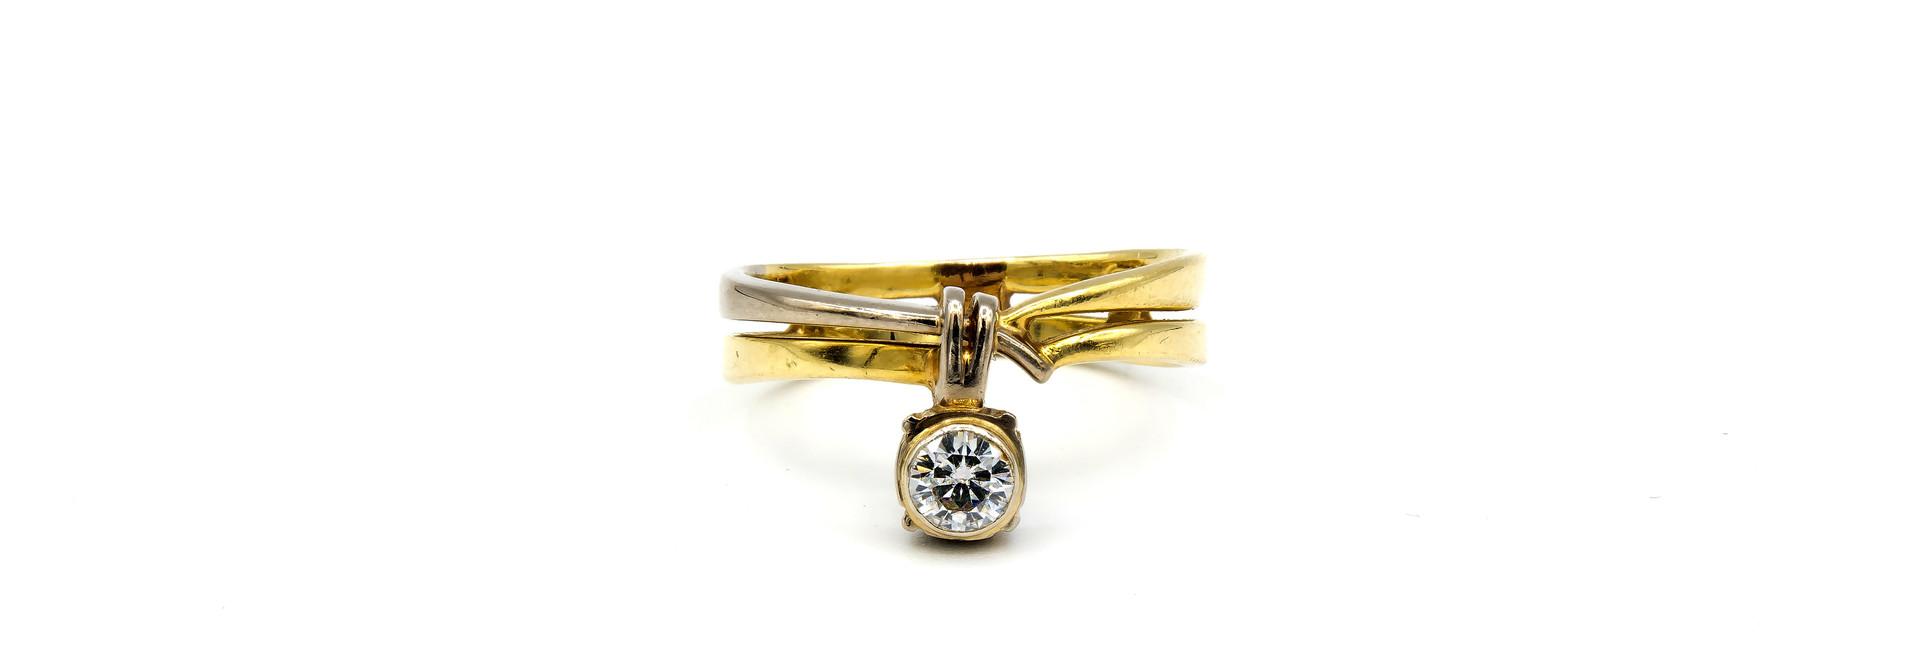 Ring verlovingsring bicolor dubbele rand met zirkonia aan de zijkant bicolor